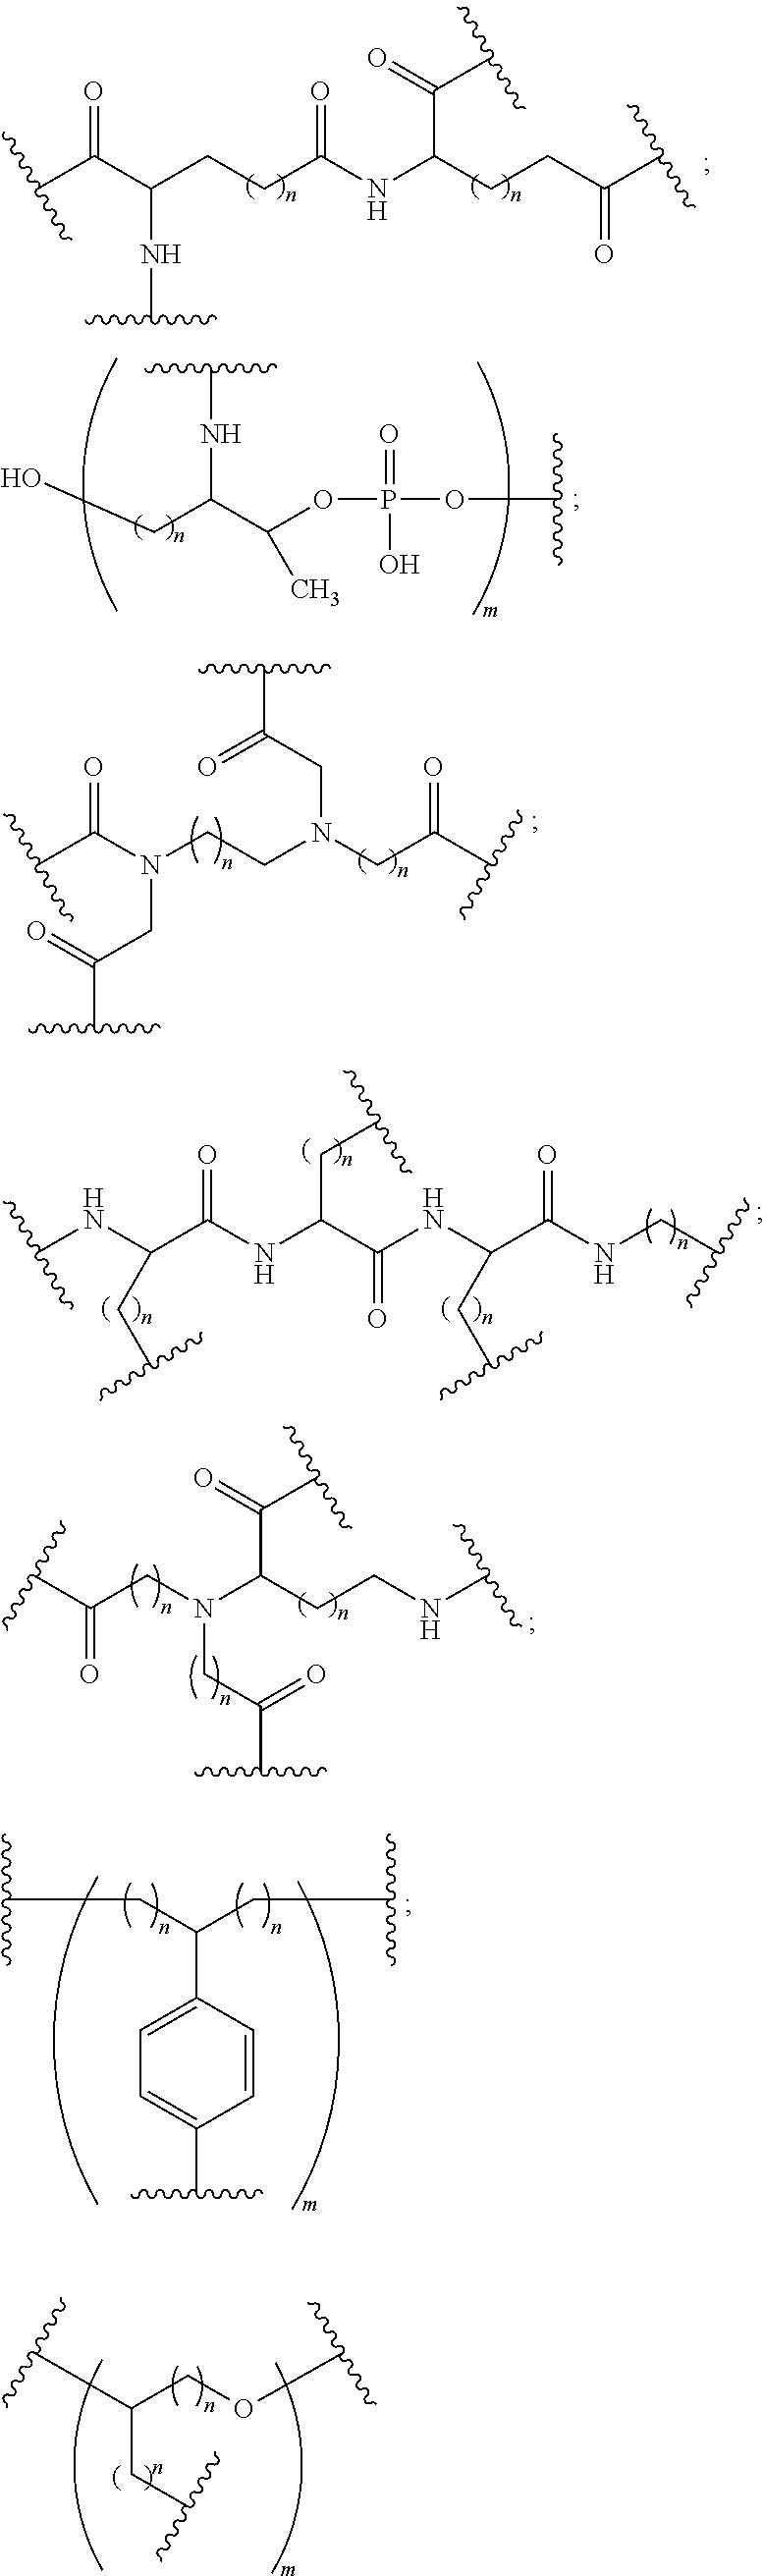 Figure US09957504-20180501-C00165